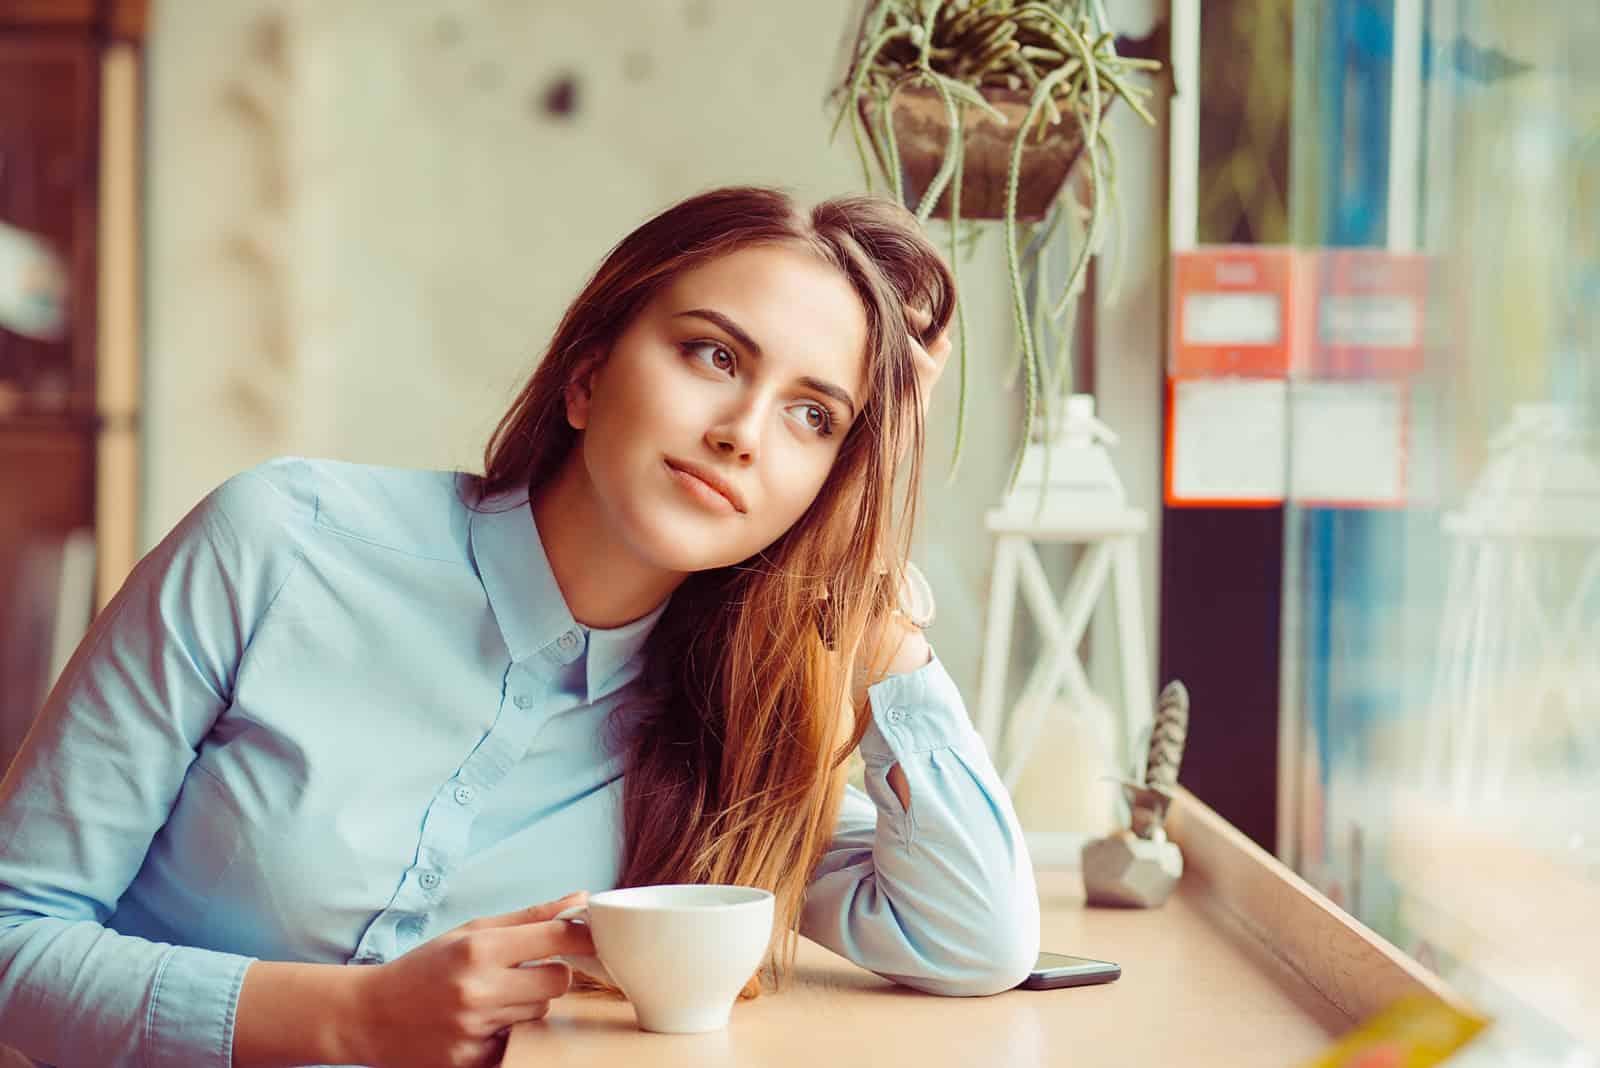 eine imaginäre Frau sitzt an einem Tisch und trinkt Kaffee